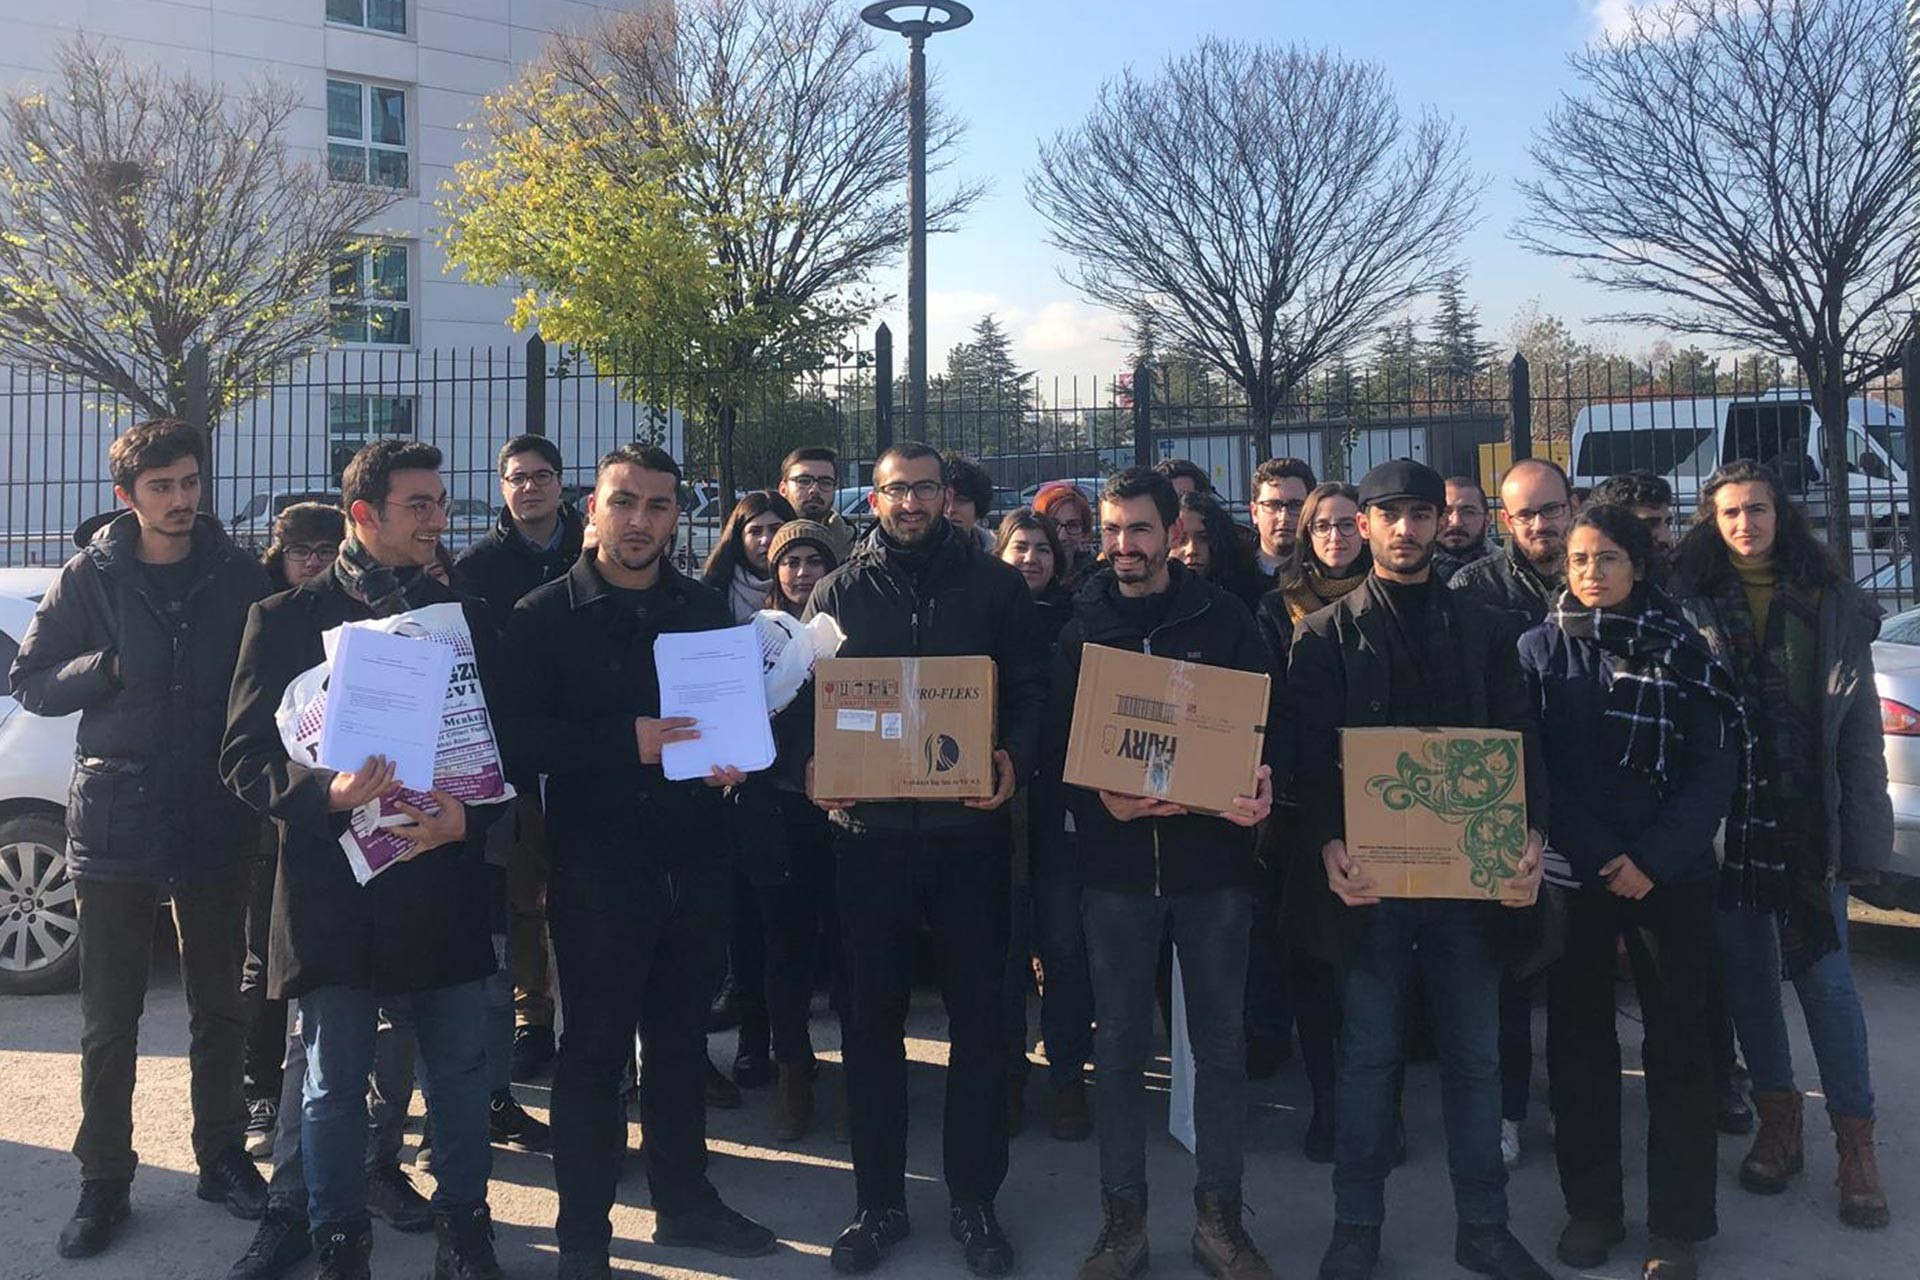 Üniversite öğrencileri, Ankara'da KYK Genel Müdürlüğü binası önünde taleplerini ifade etmek üzere açıklama yaparken